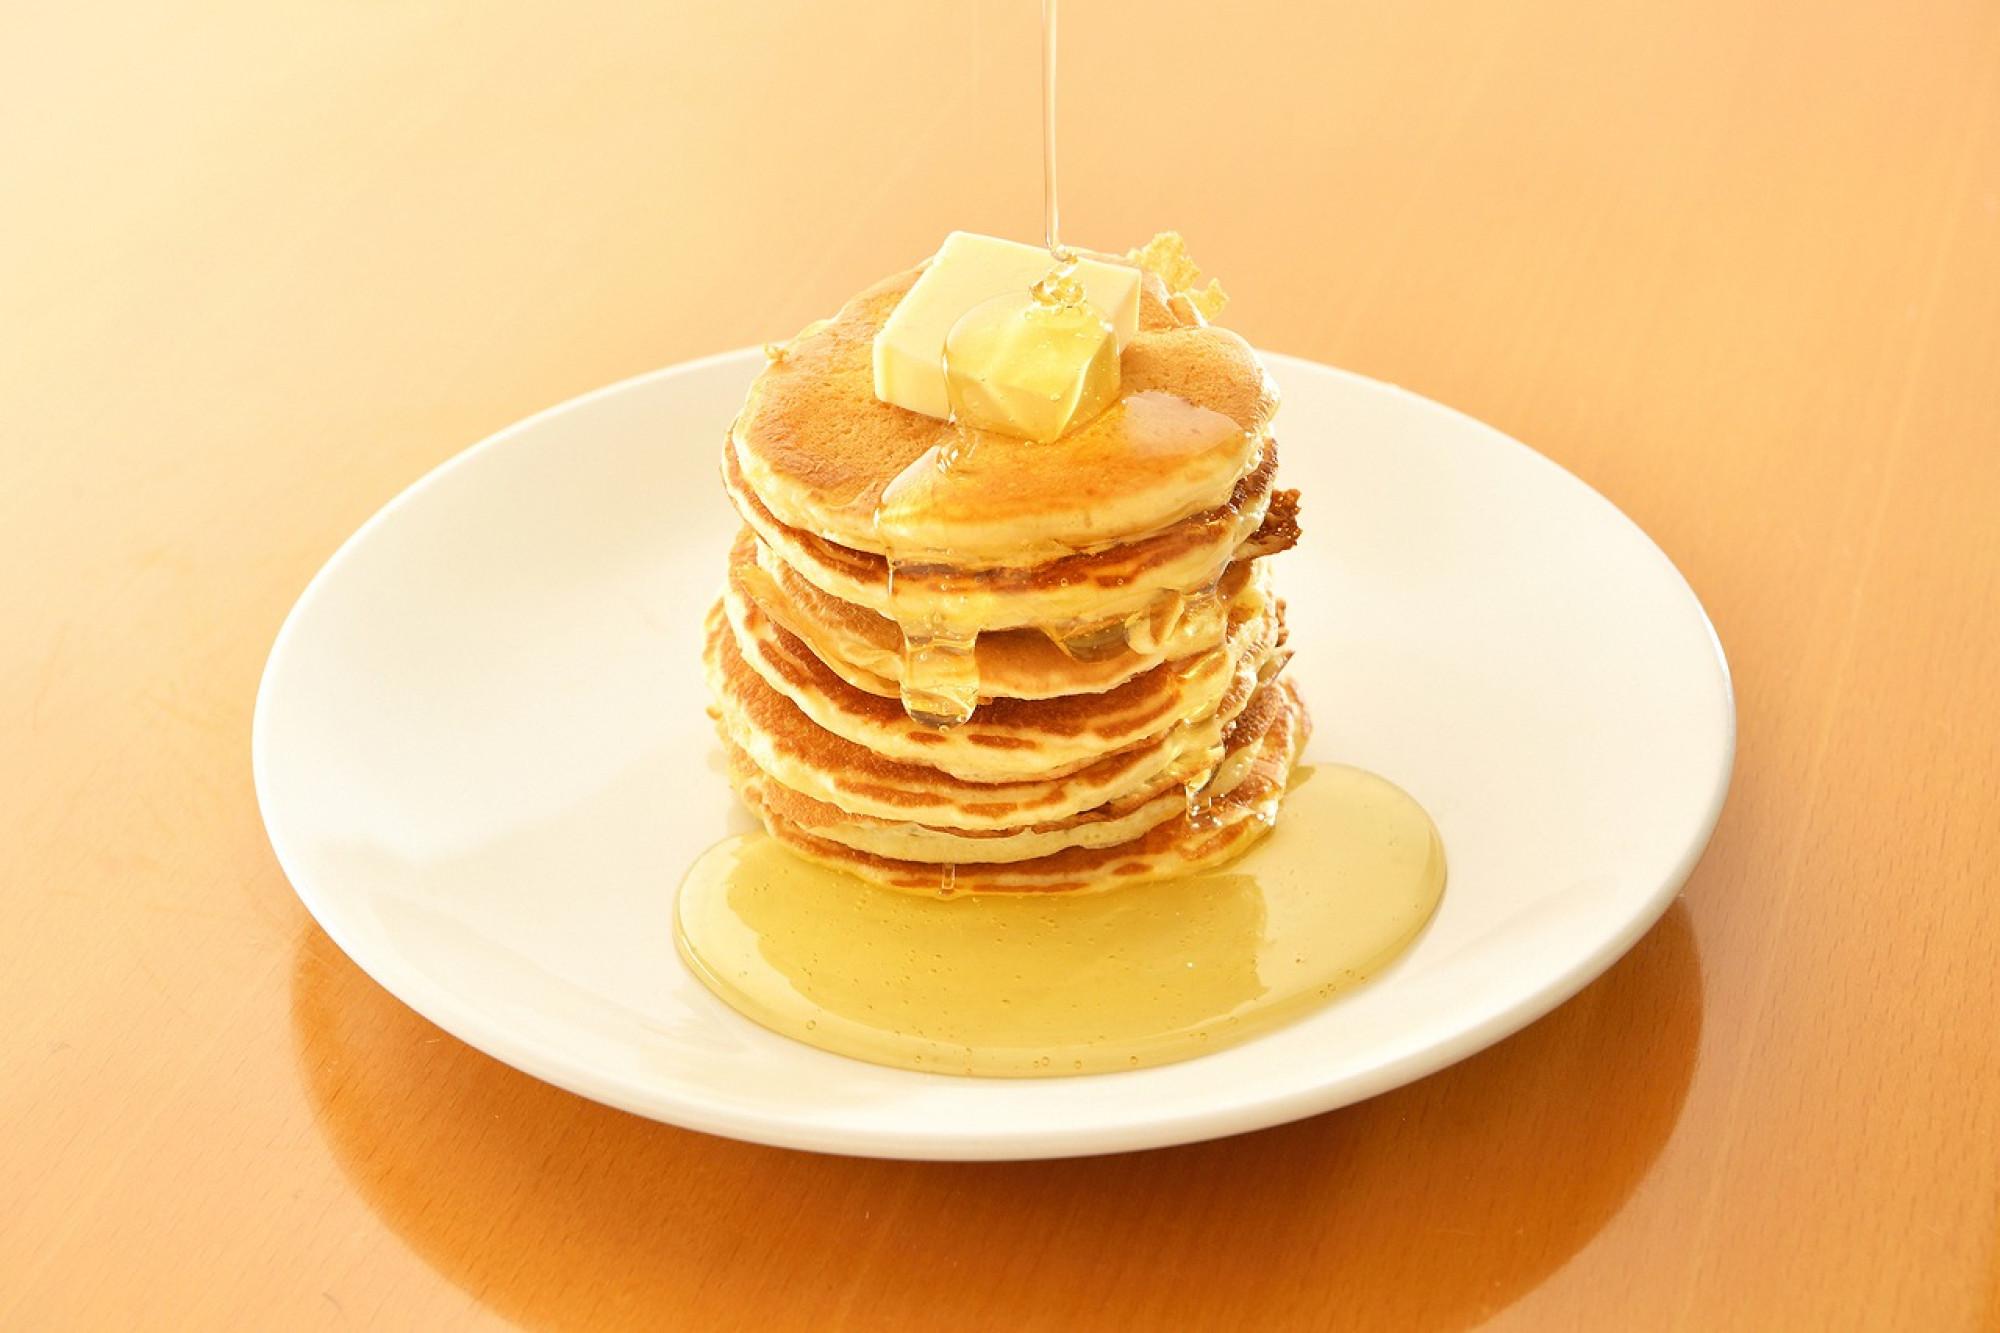 朝食のパンケーキ(イメージ)